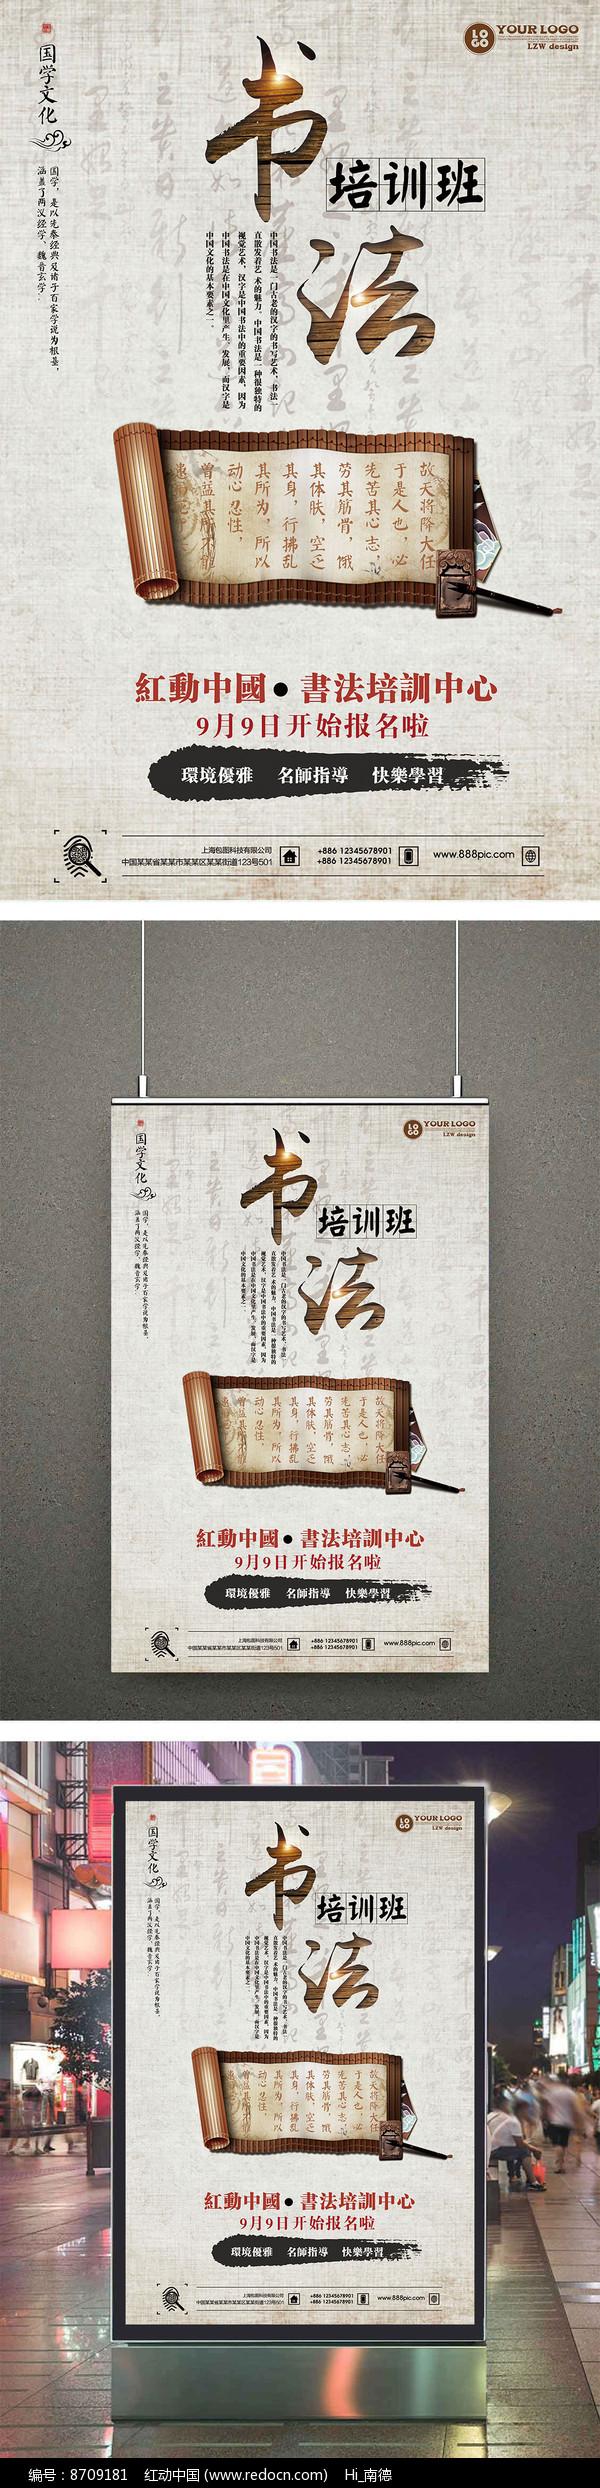 中国风书法培训艺术班招生海报图片